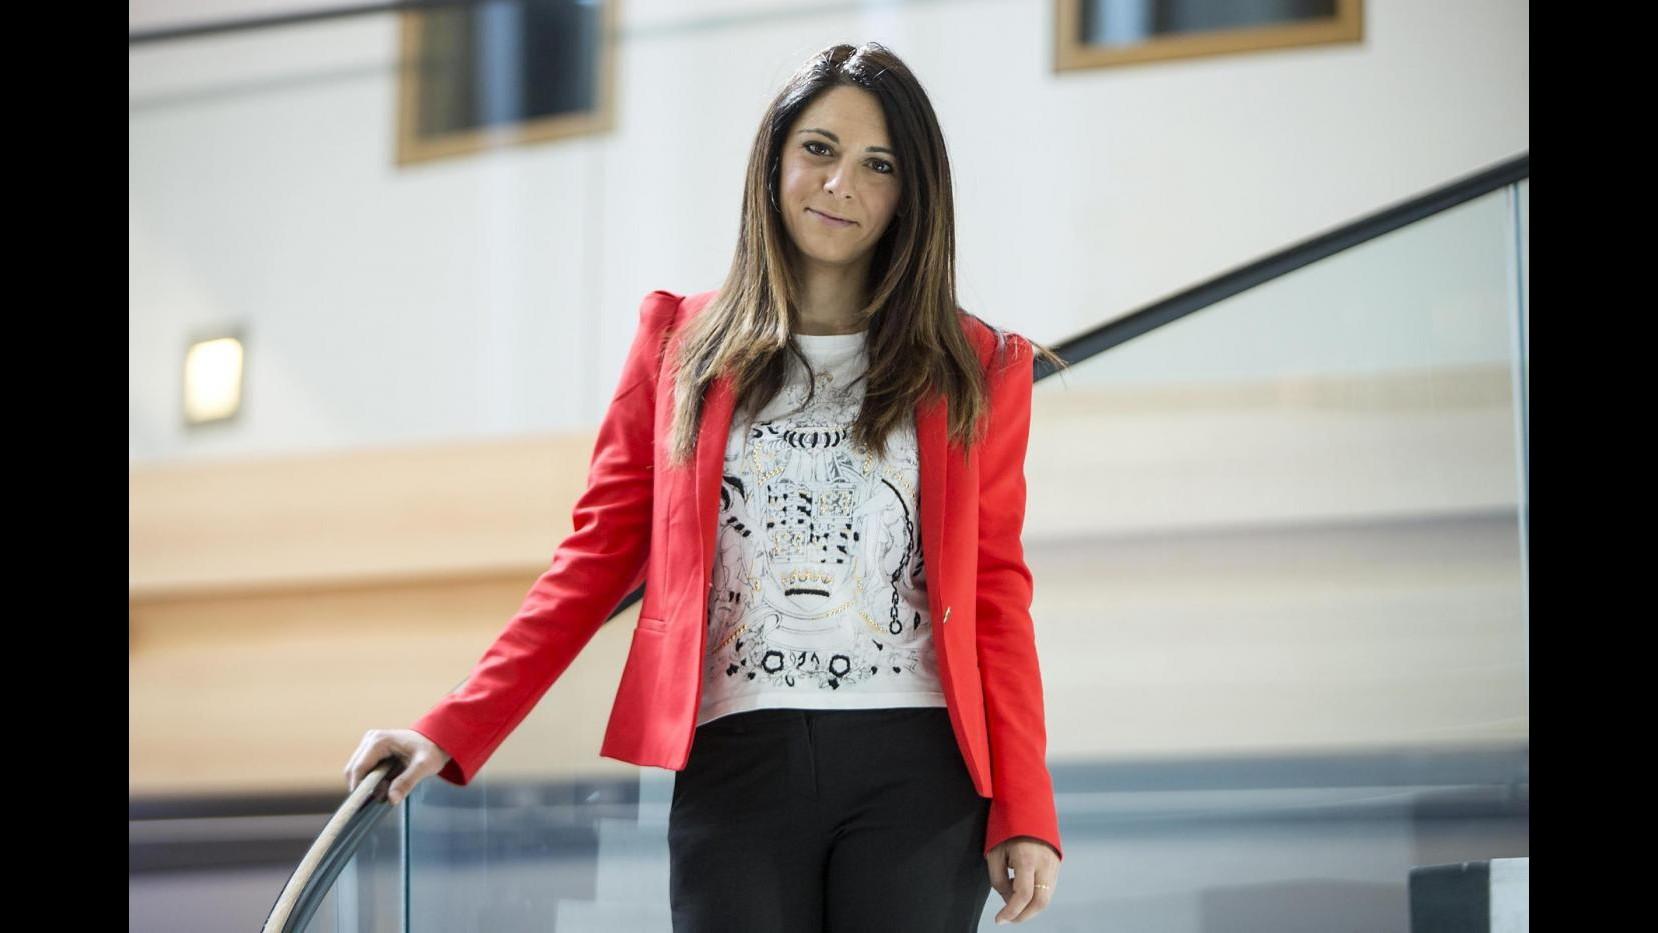 Pina Picierno a 'Domenica Live': Presto stepchild adoption, verrà ad annunciarlo Renzi